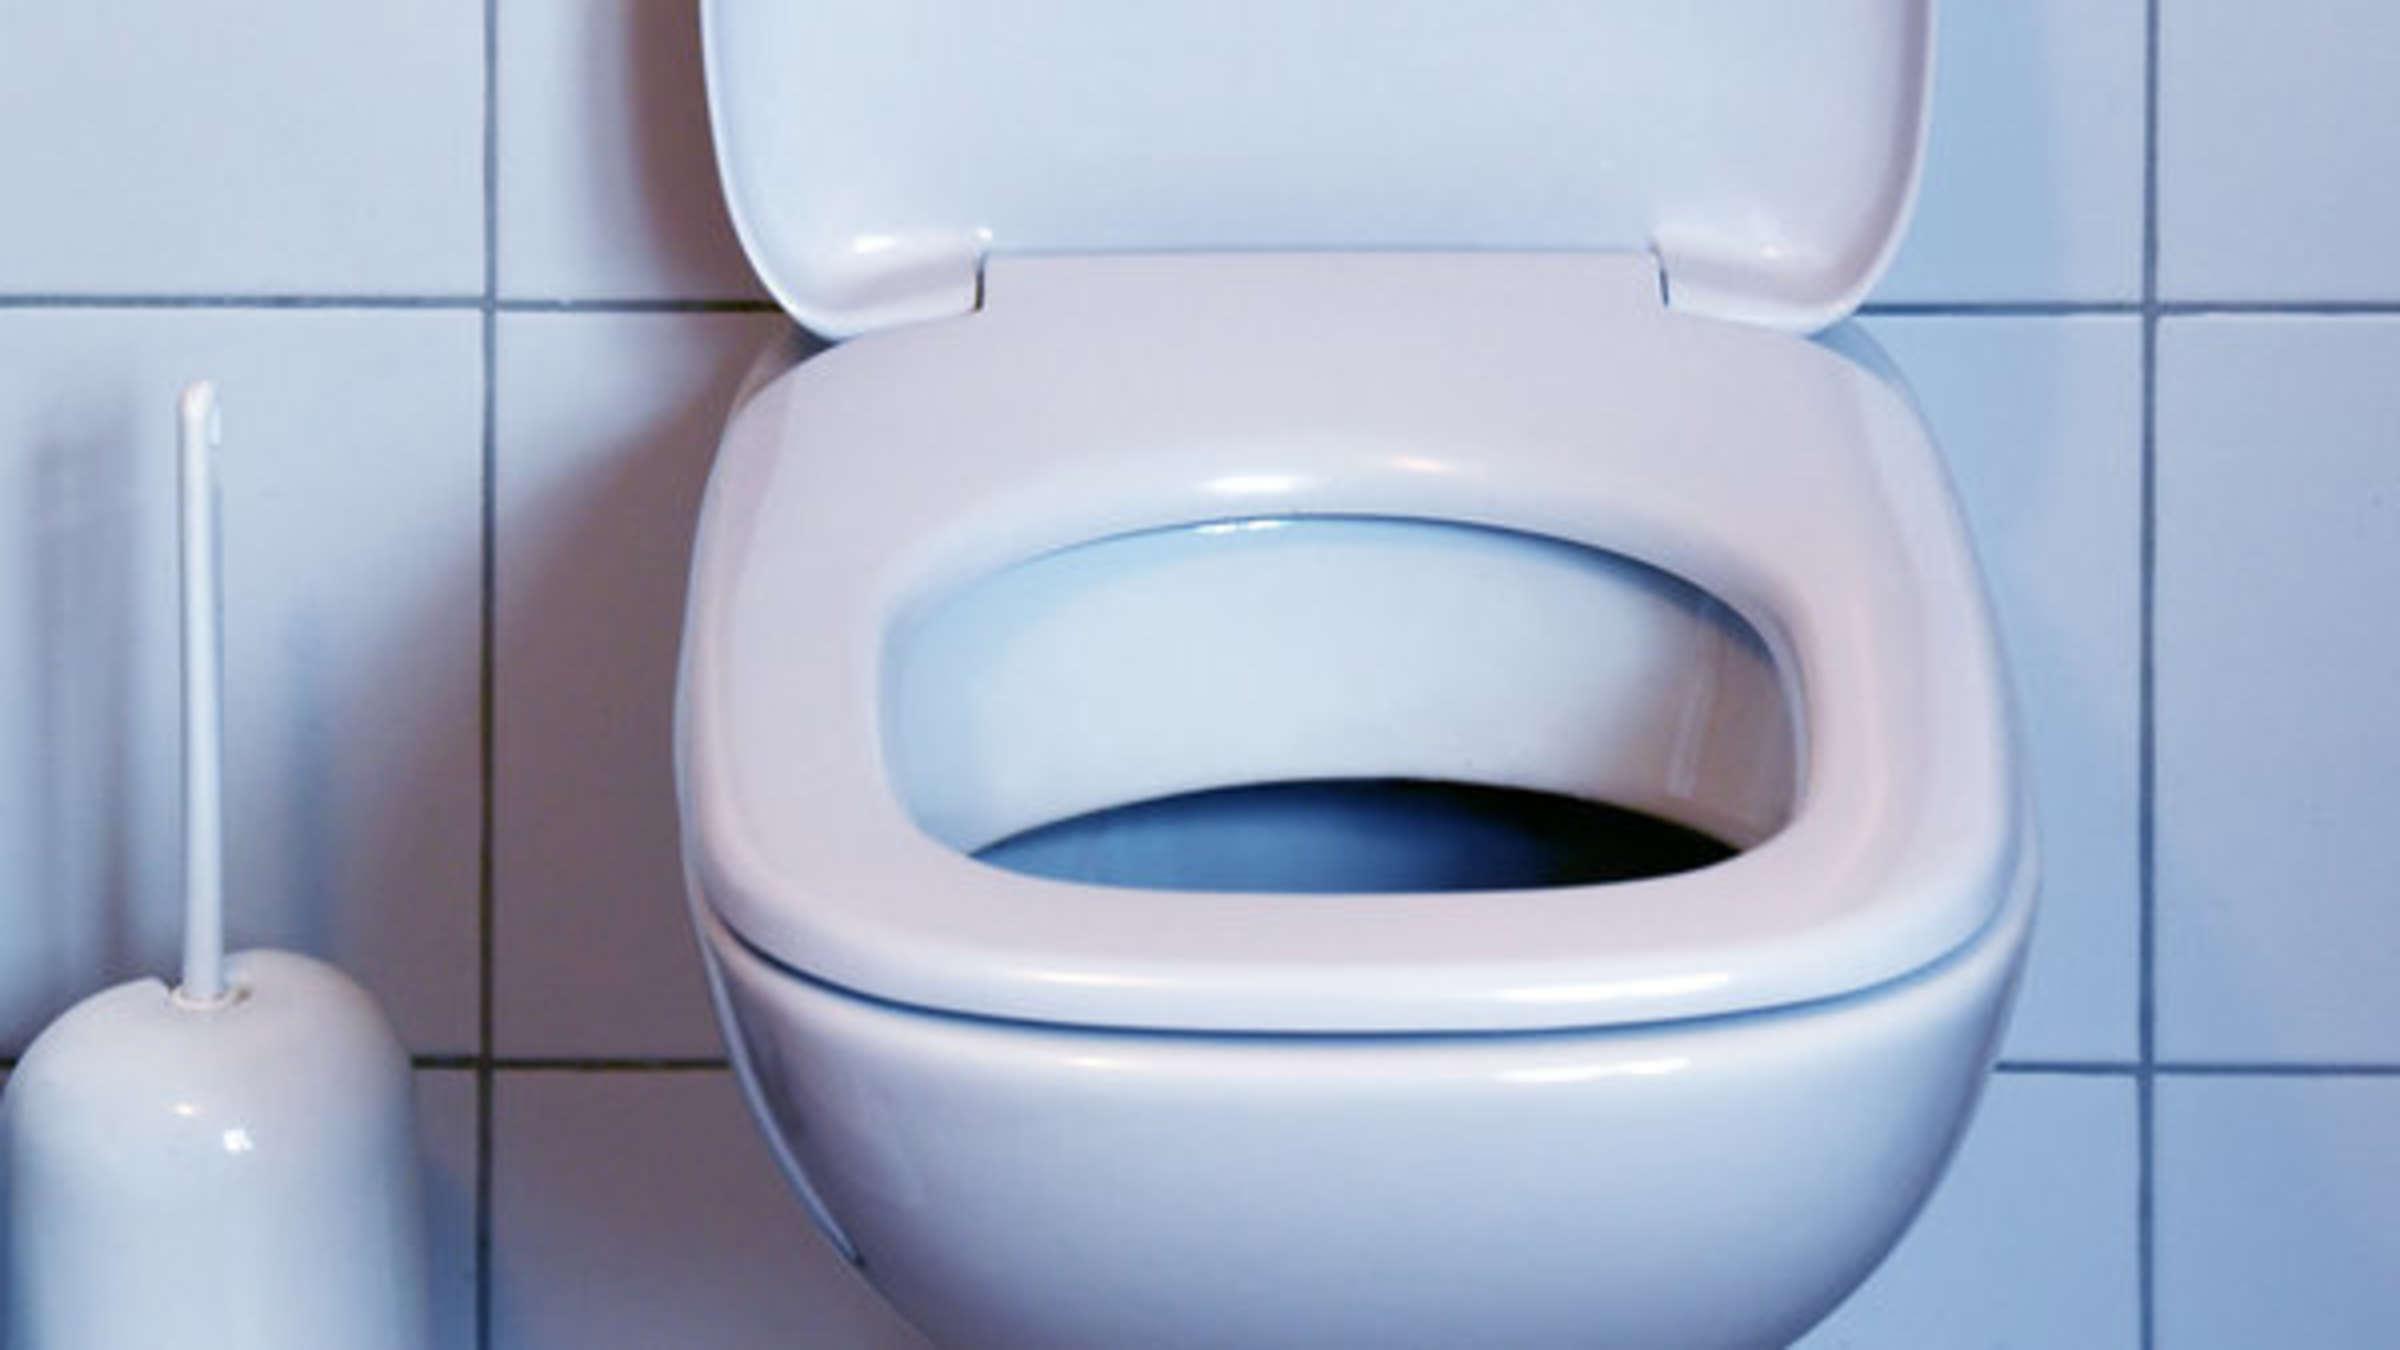 Spulkasten Entkalken So Funktioniert Die Toilette Wieder Tadellos